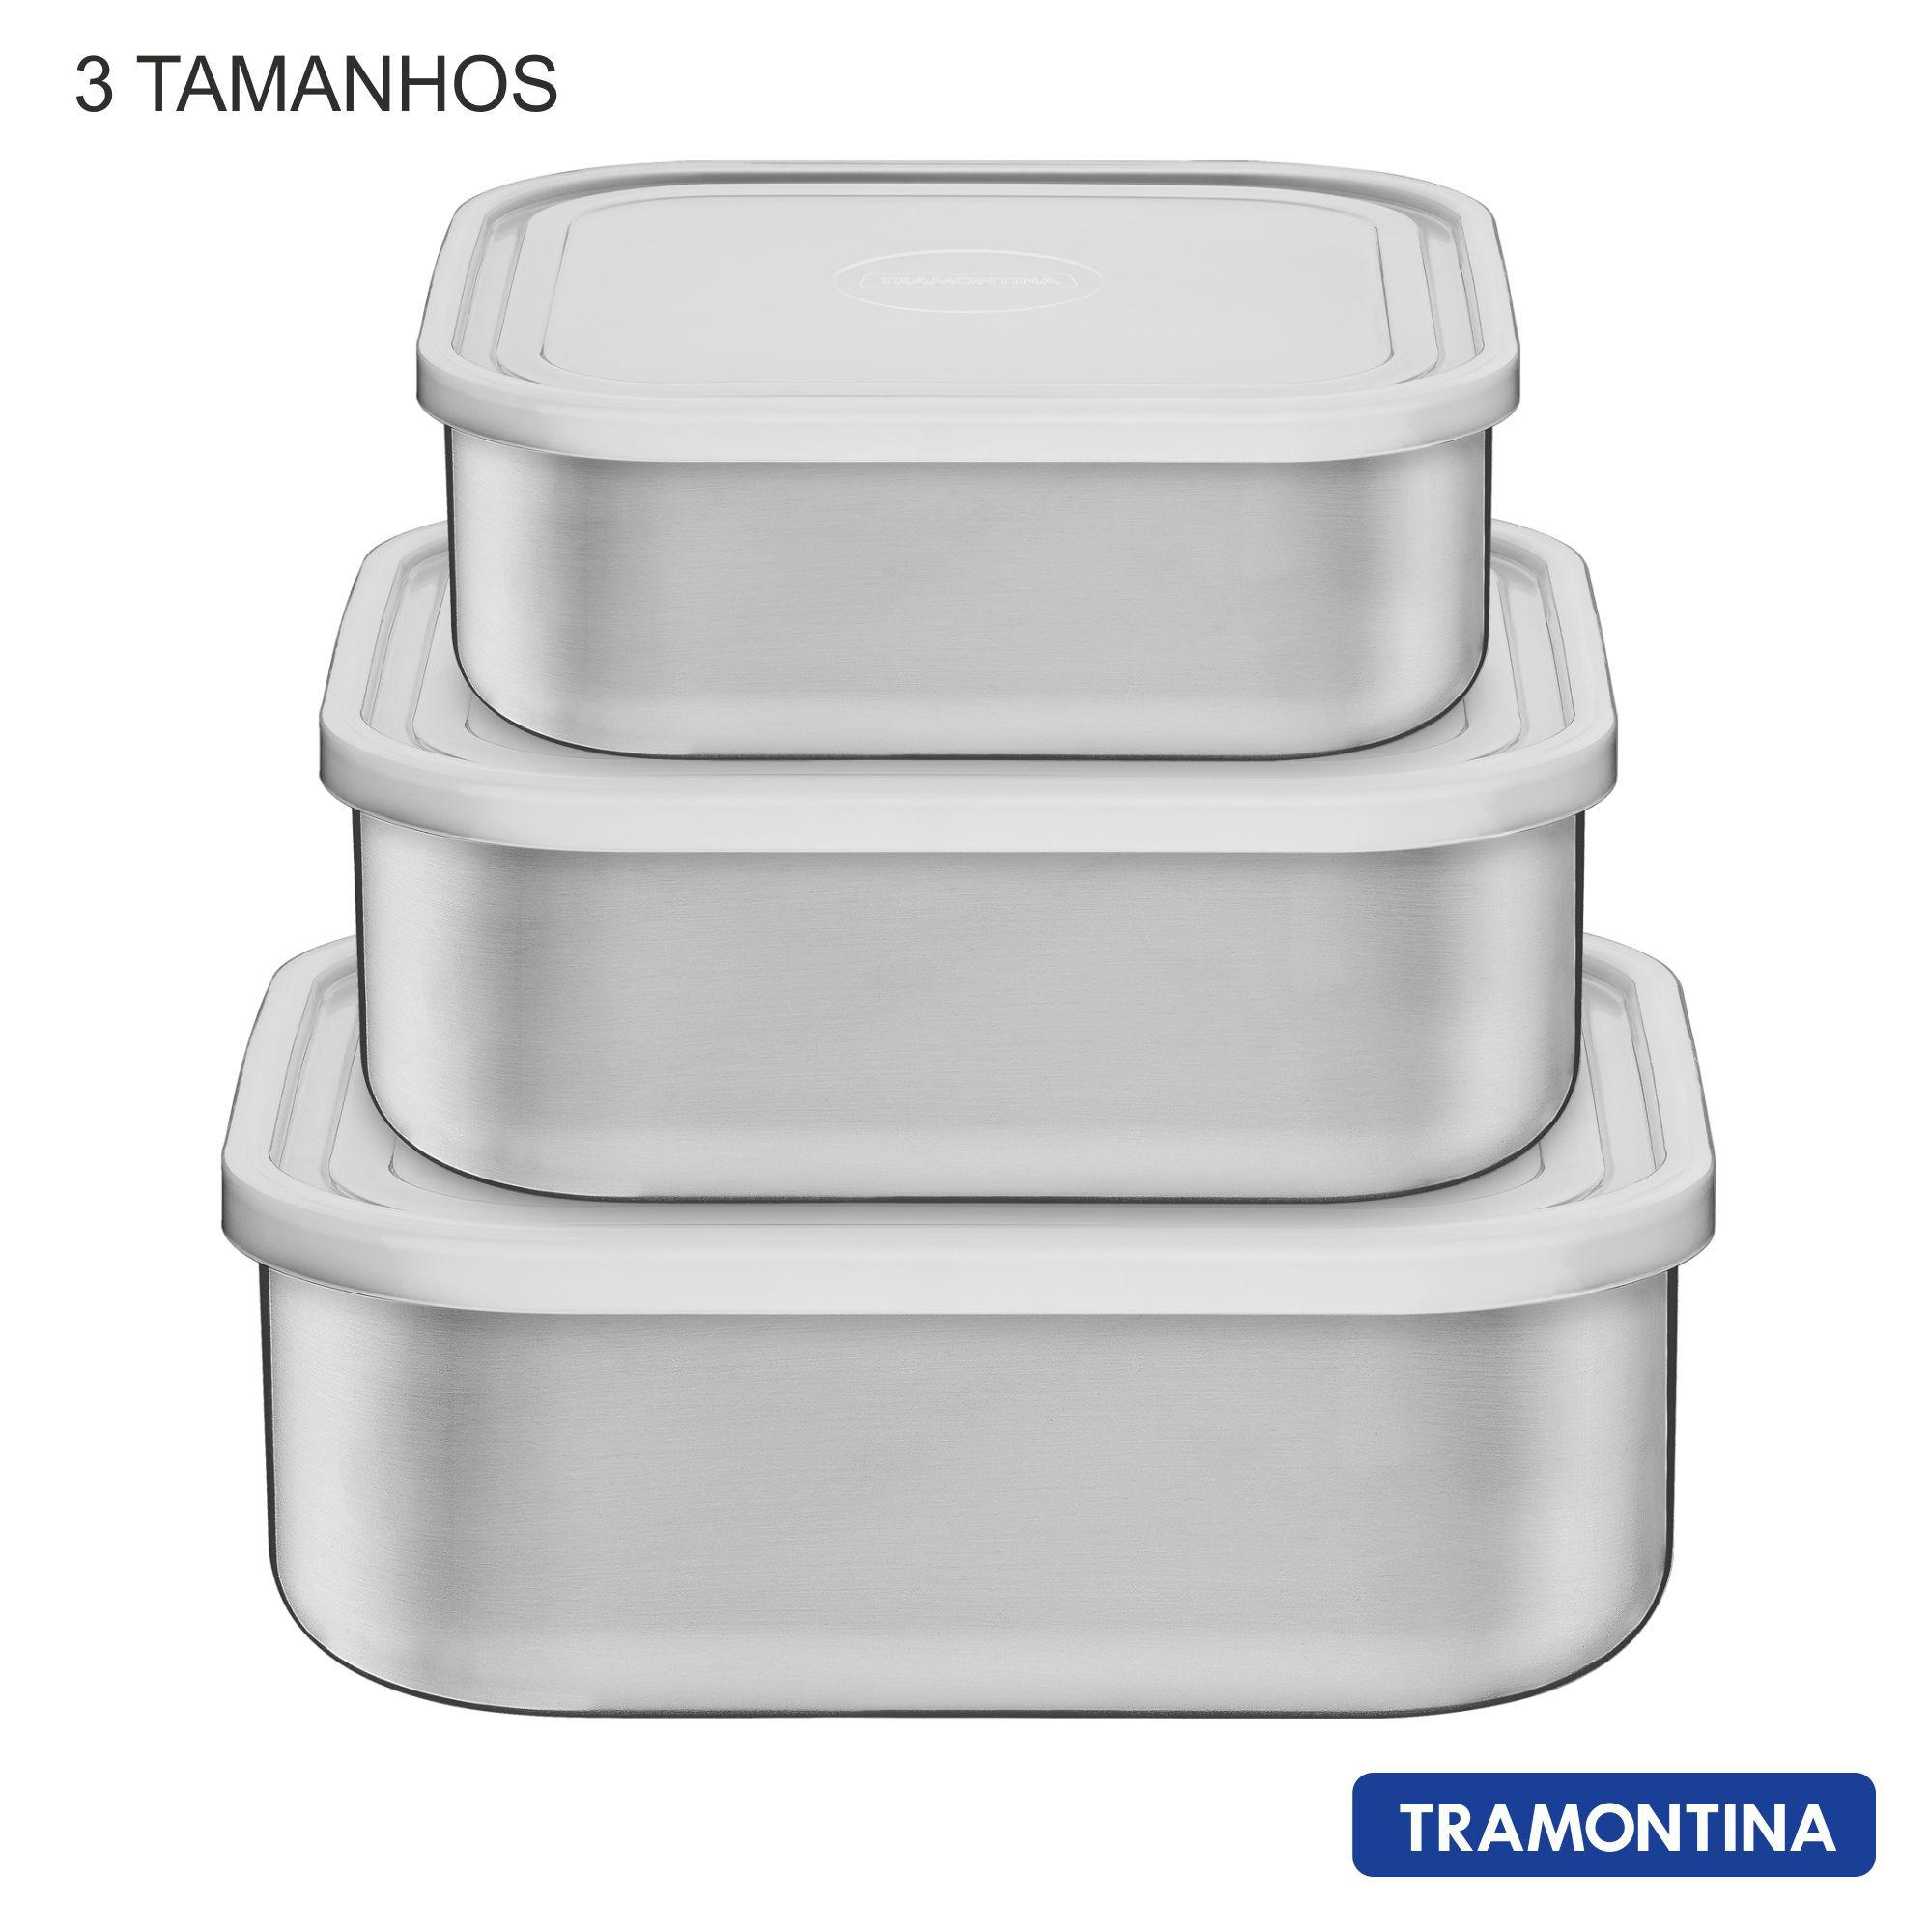 Jogo de Potes Tramontina Freezinox 3 peças com tampa